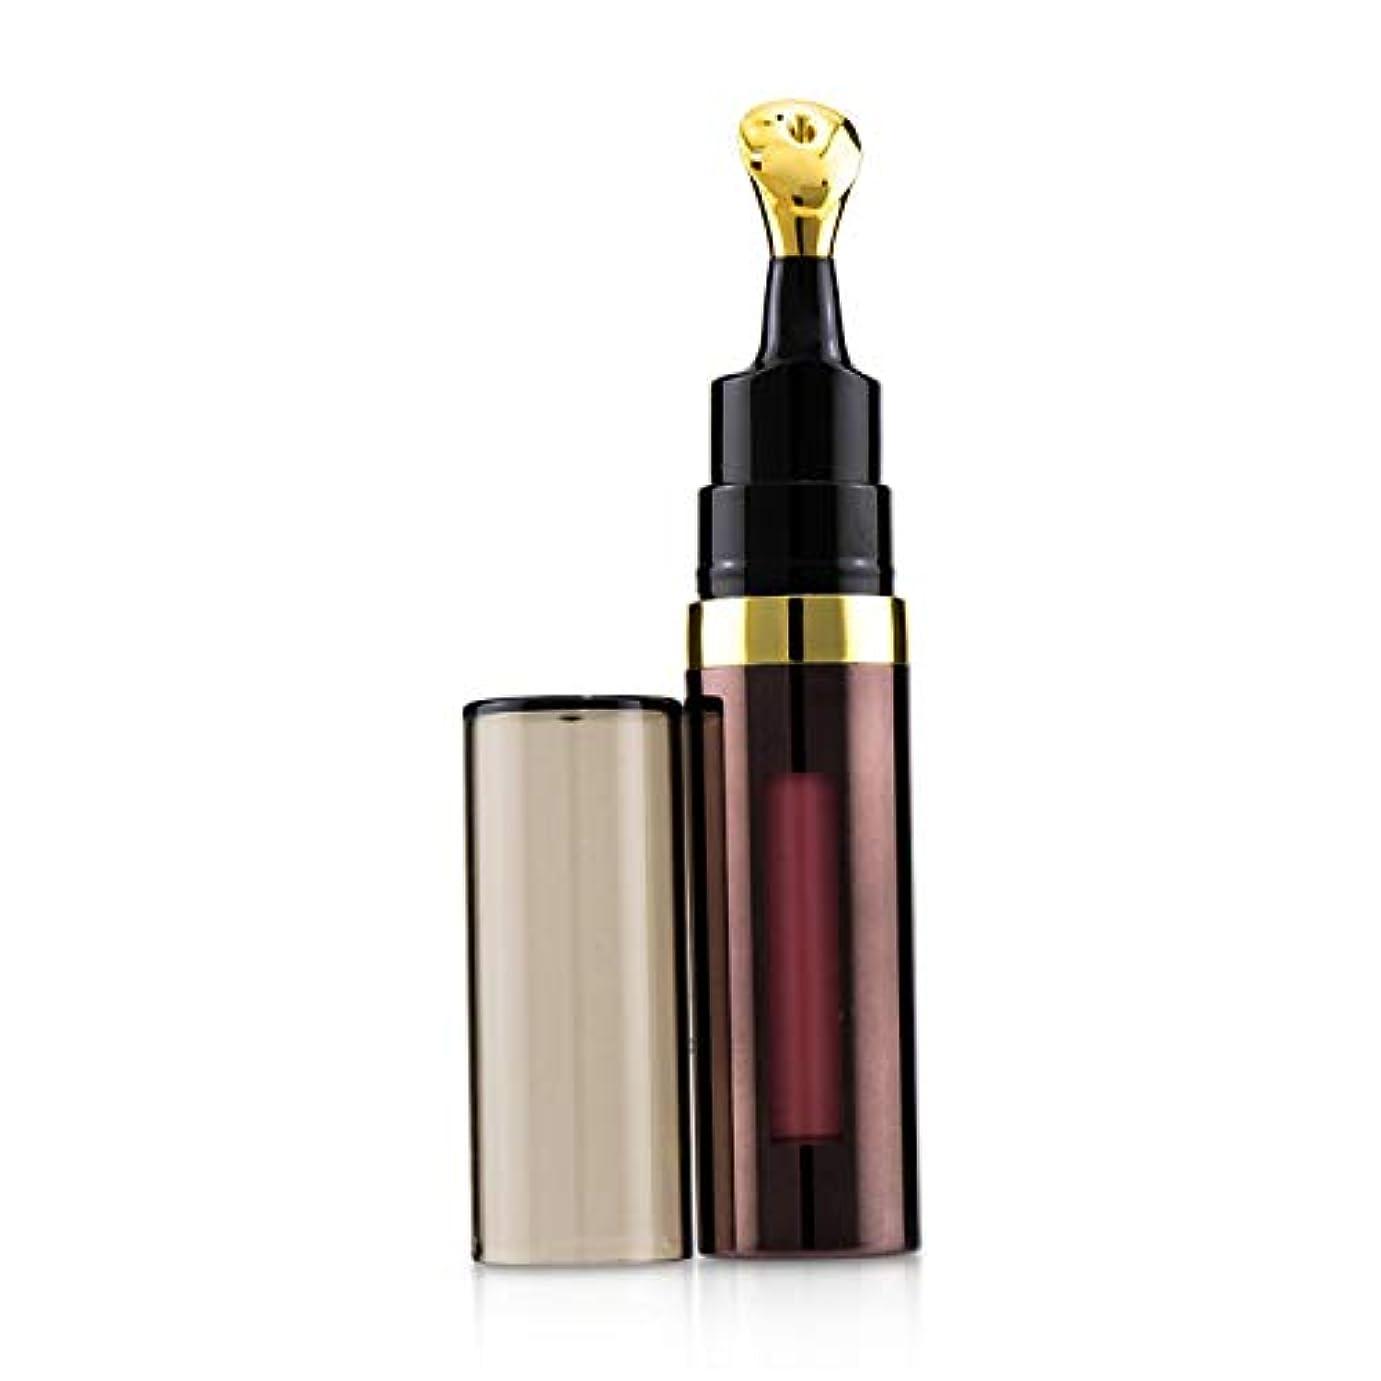 平均メカニック関係するアワーグラス No.28 Lip Treatment Oil - # Cameo (Neutral Rose) 7.5ml/0.25oz並行輸入品